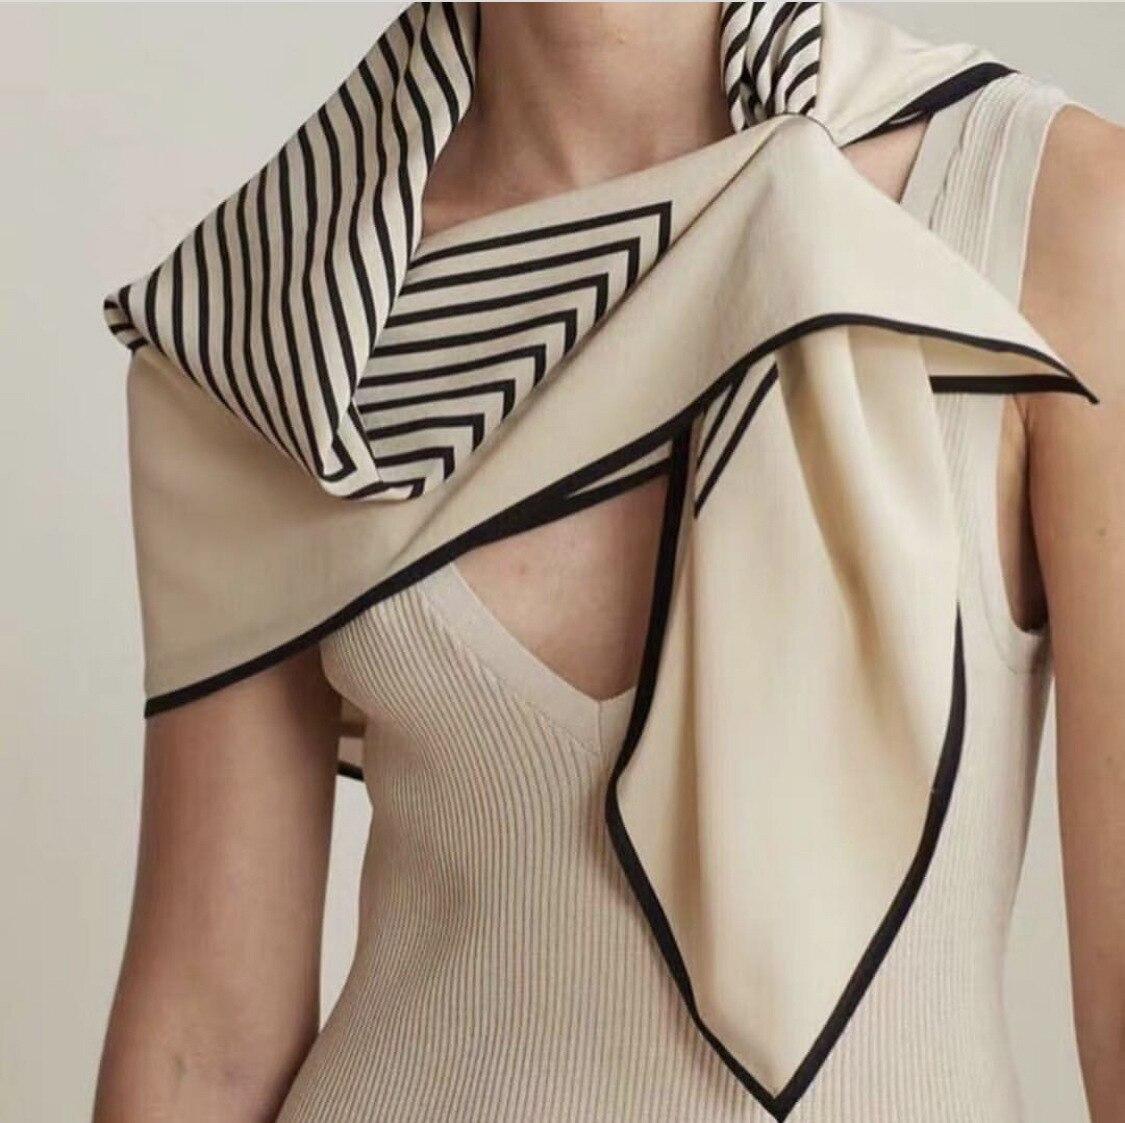 Новый европейский и американский солнцезащитный черный шарф в полоску большой квадратный шарф со всеми видами шарфов 90 см